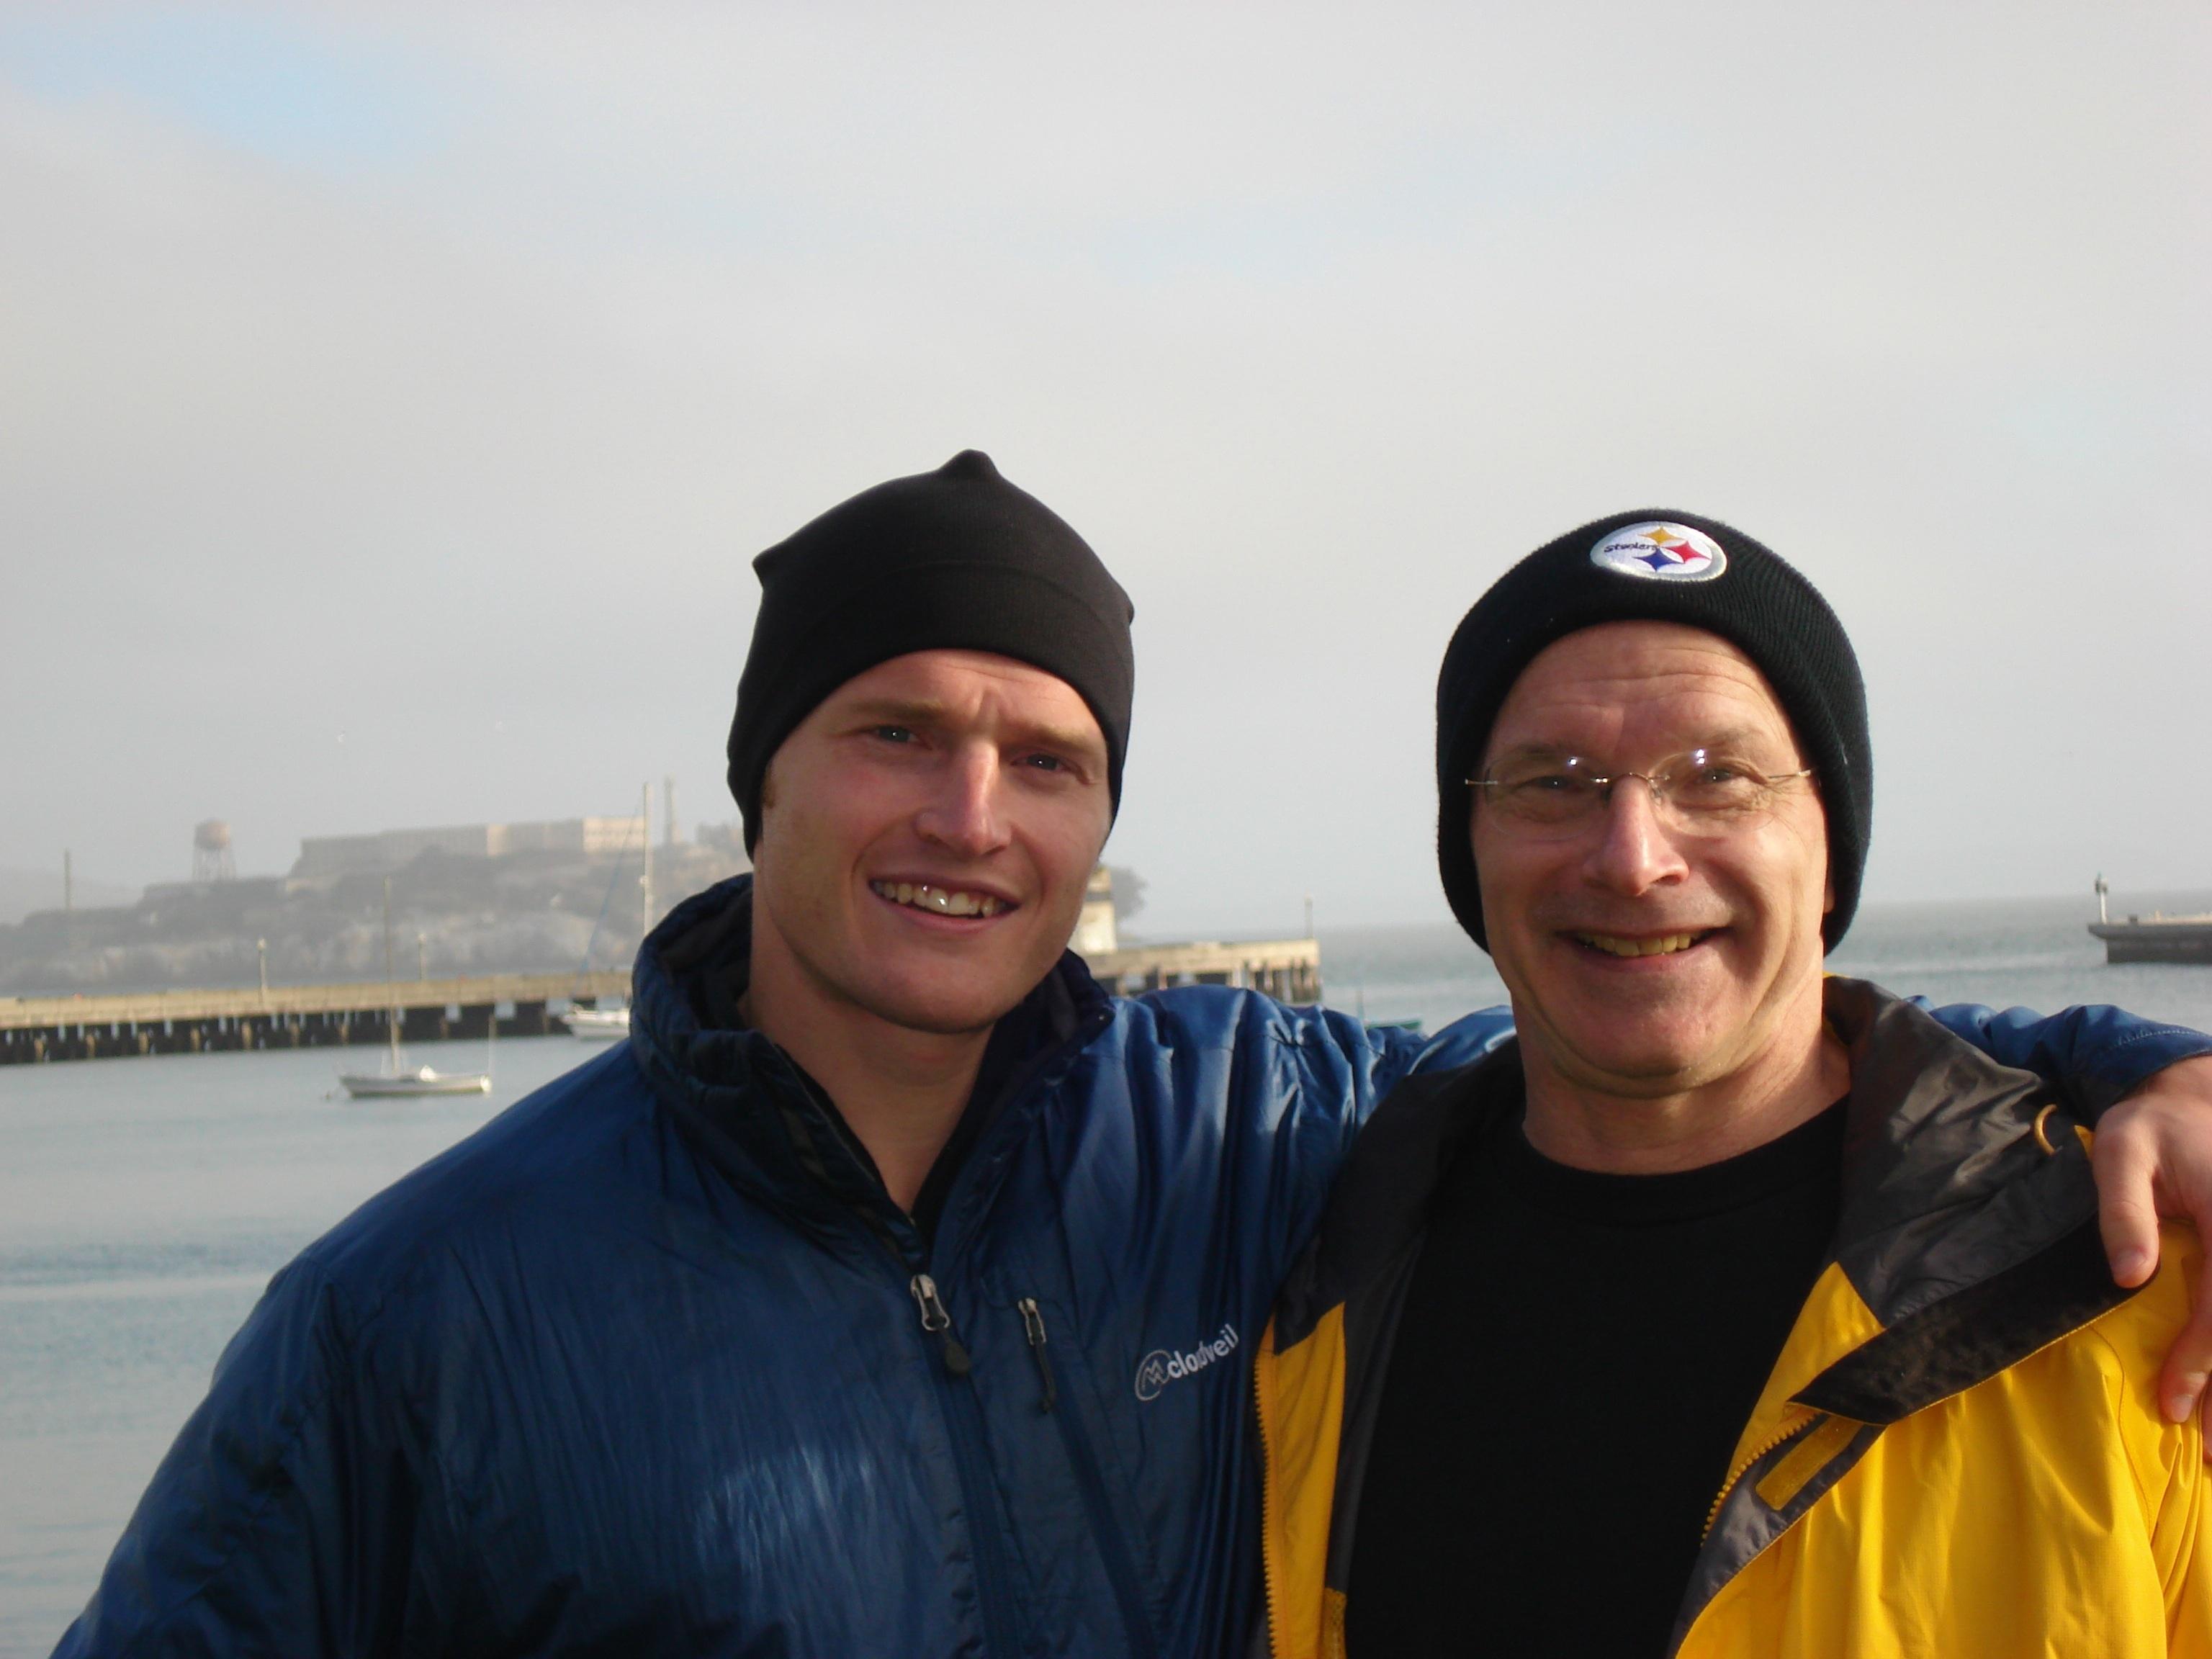 Jon&WalterBunt